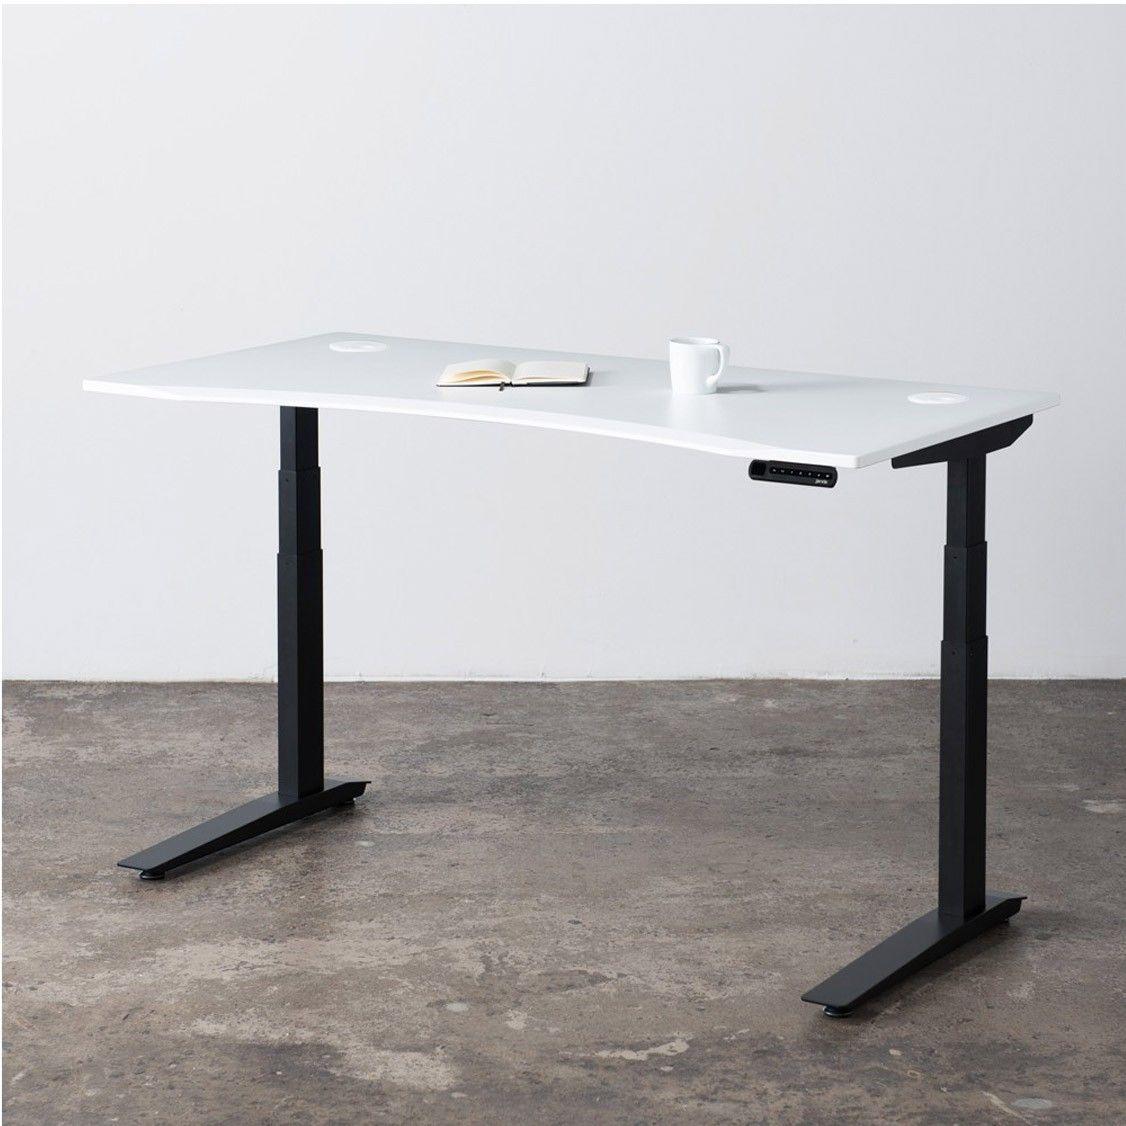 Jarvis Standing Desk Contour White Top Black Frame Best Standing Desk Height Adjustable Computer Desk Best Home Office Desk